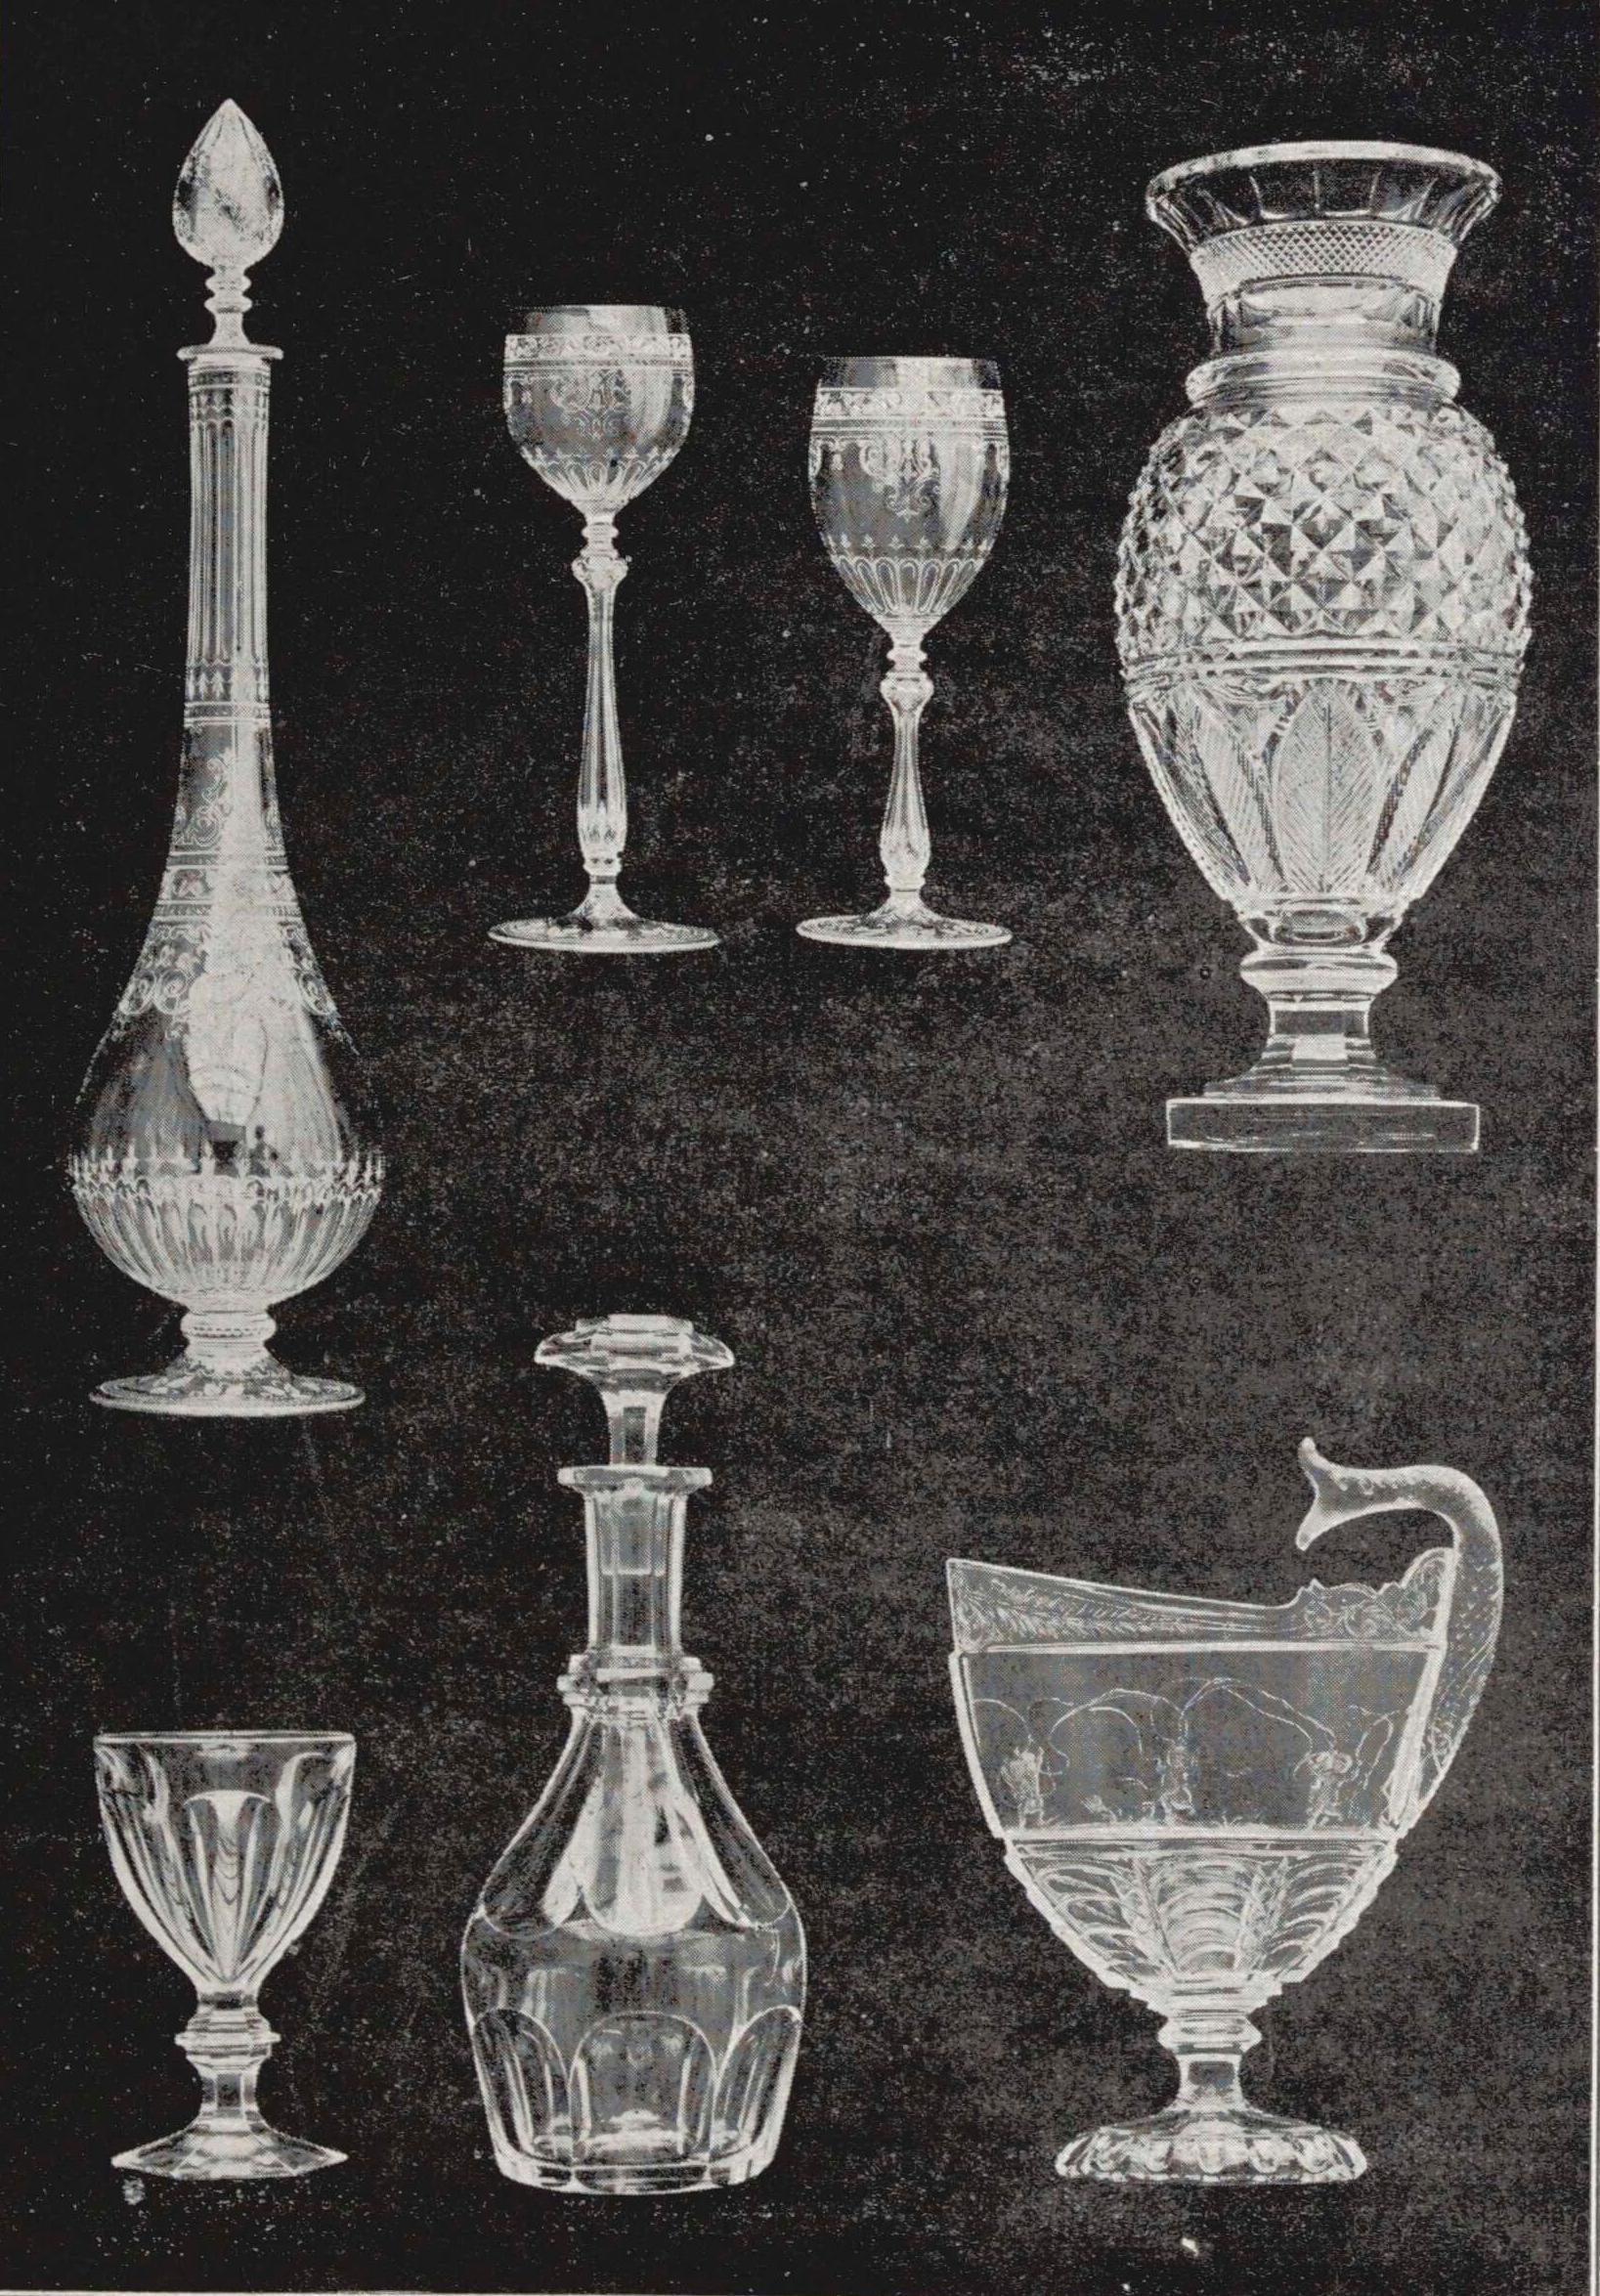 Contenu du Production des cristalleries de Baccarat